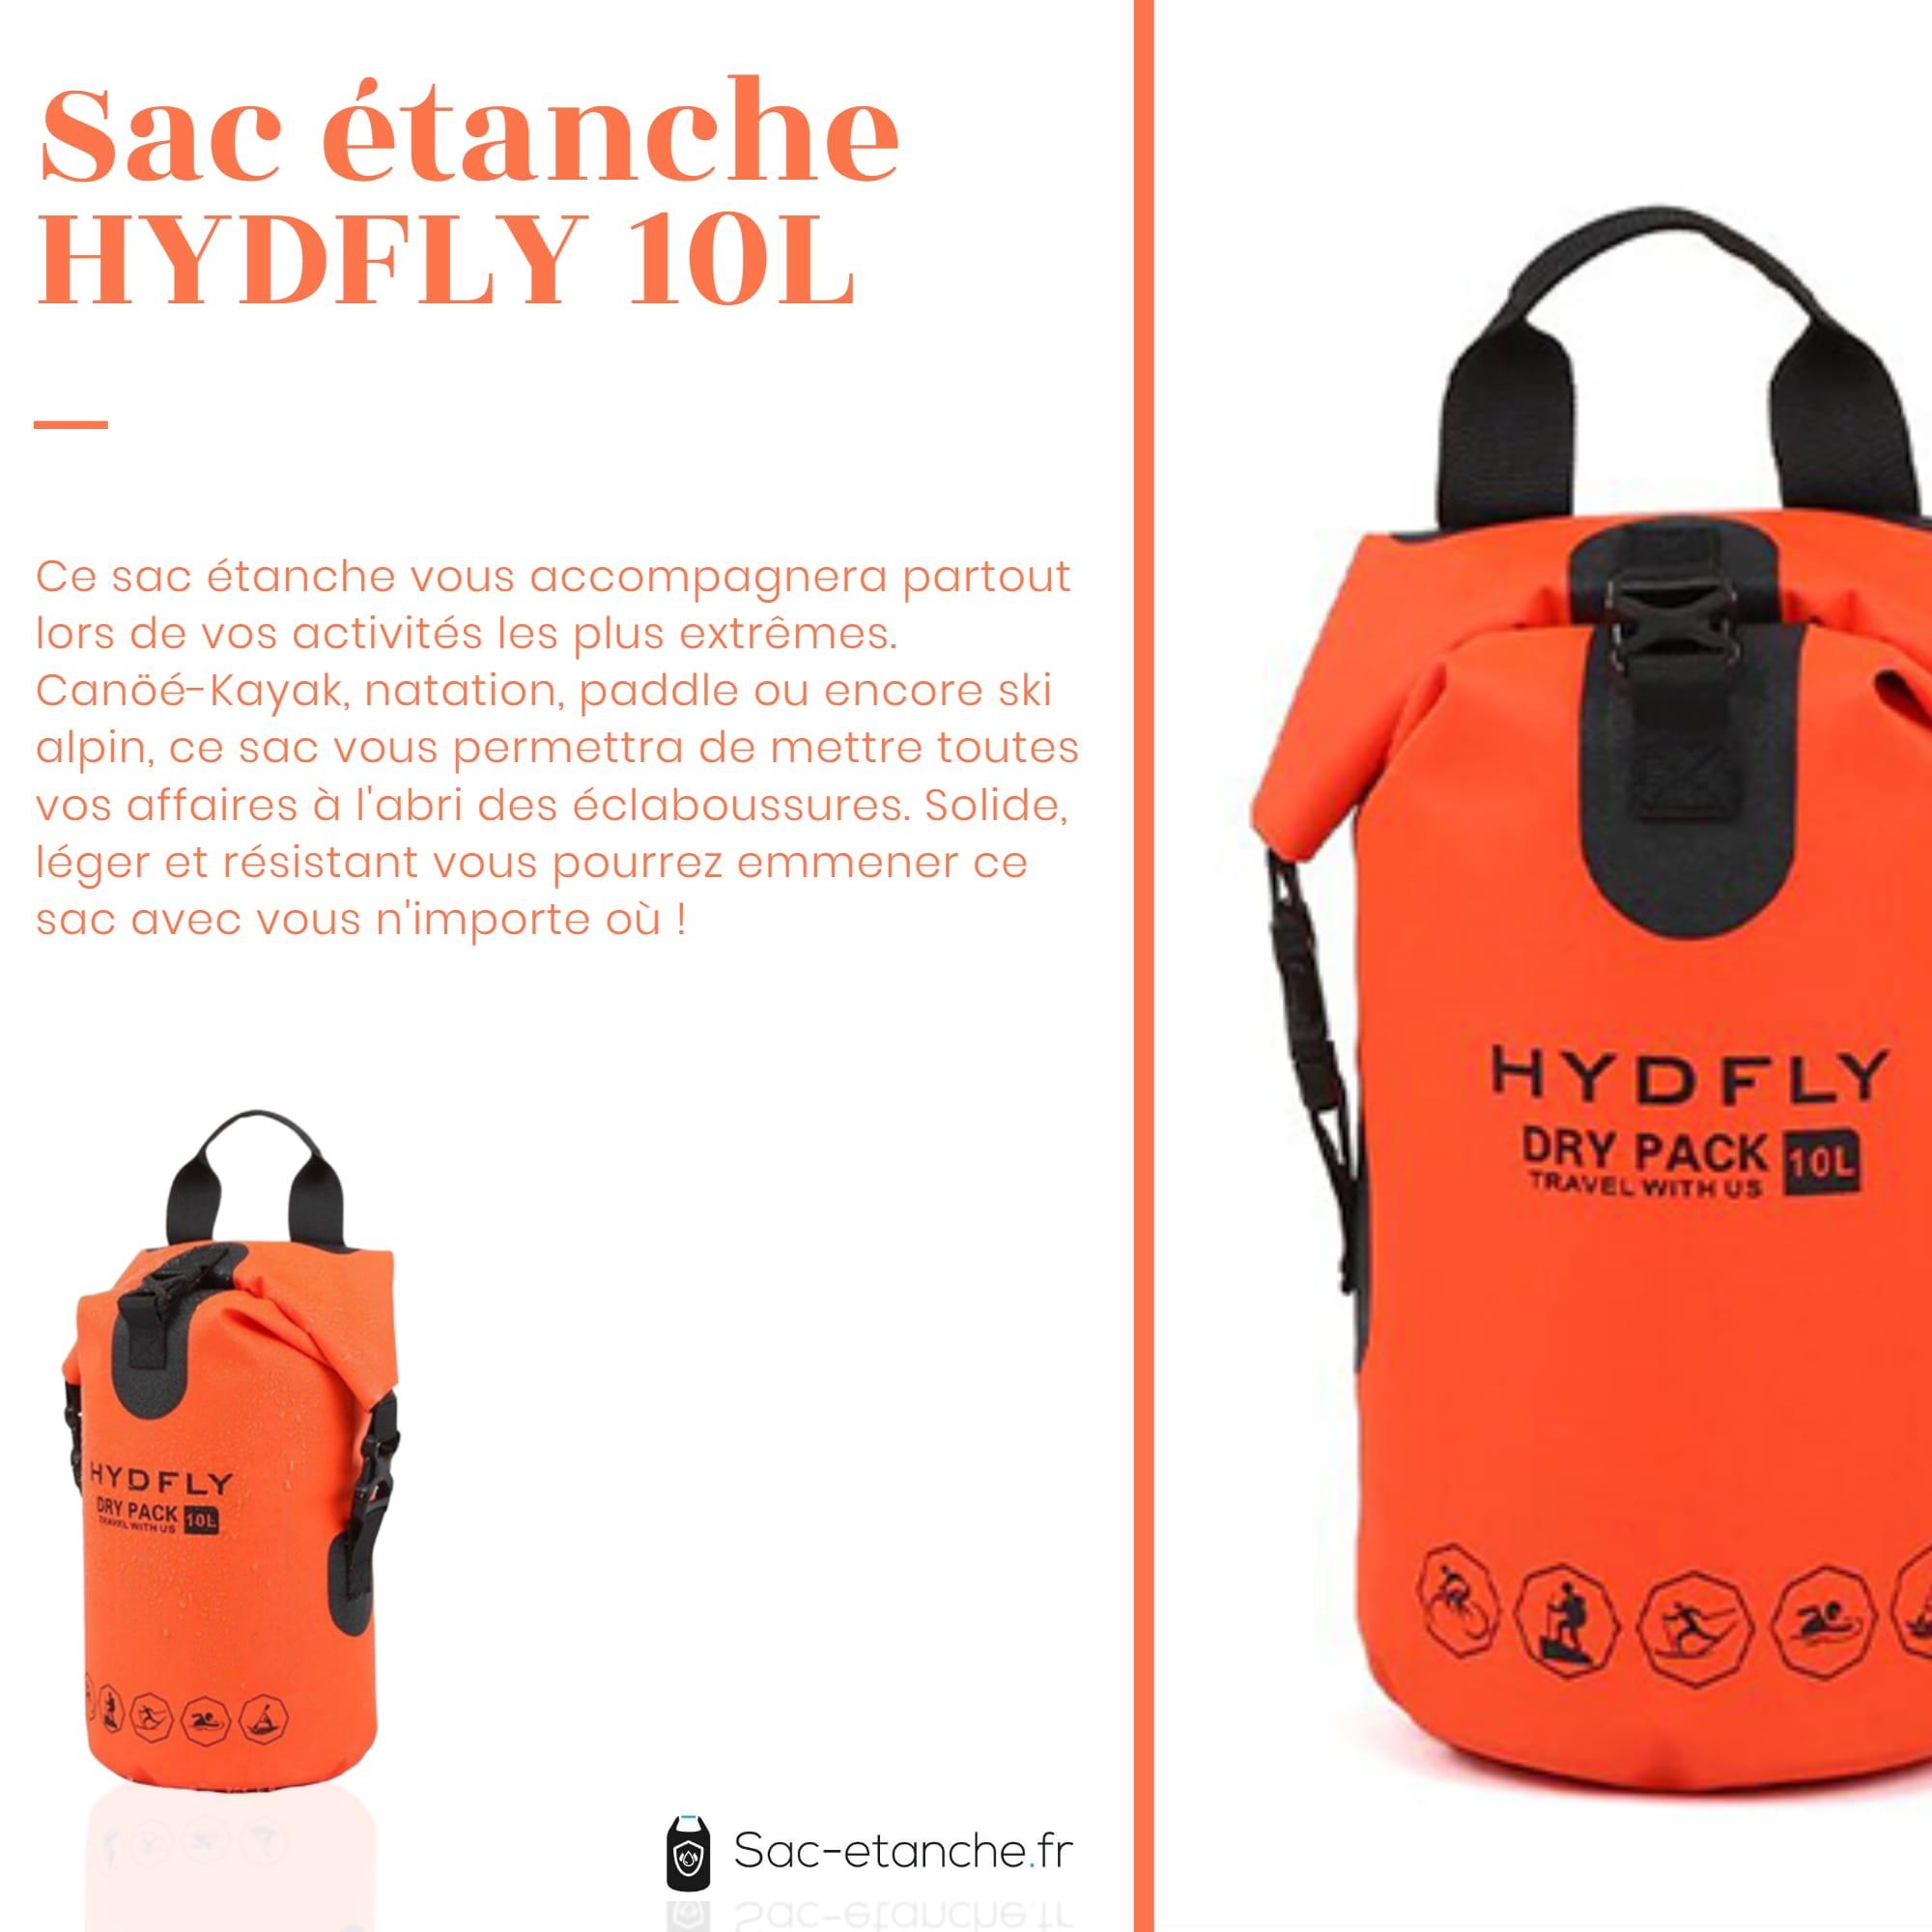 sac étanche hydfly caractéristiques